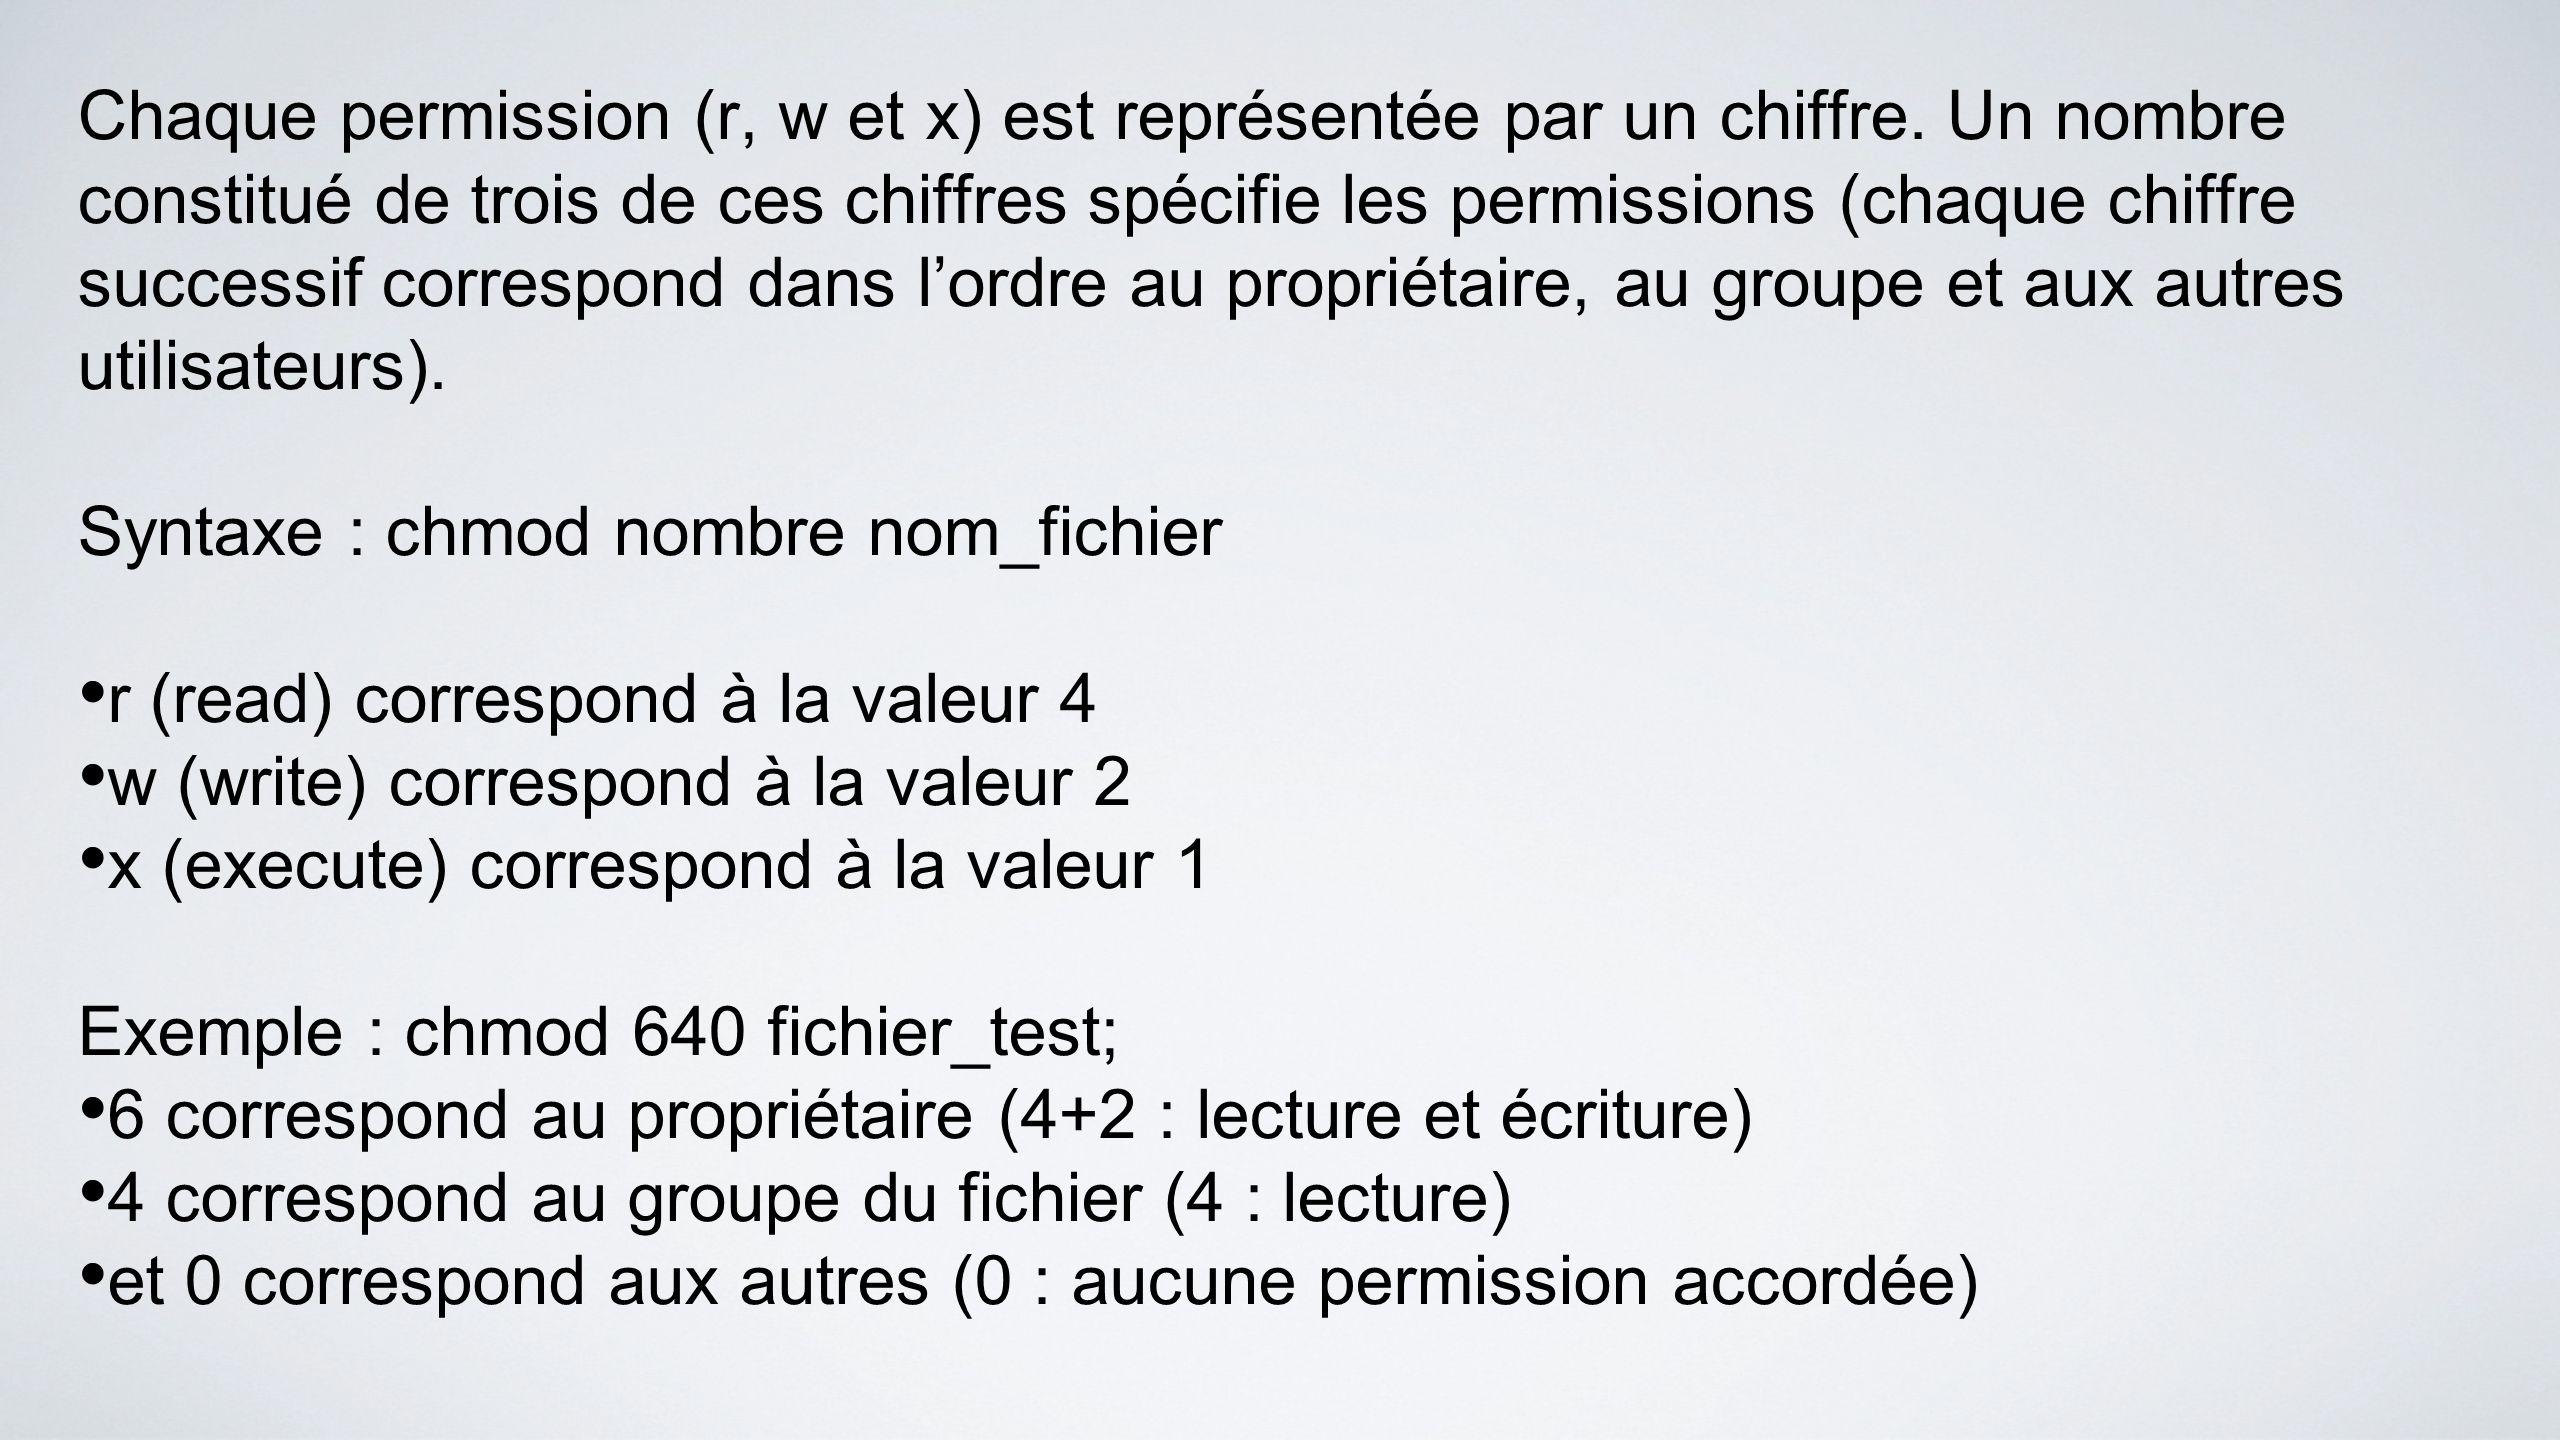 Chaque permission (r, w et x) est représentée par un chiffre. Un nombre constitué de trois de ces chiffres spécifie les permissions (chaque chiffre su